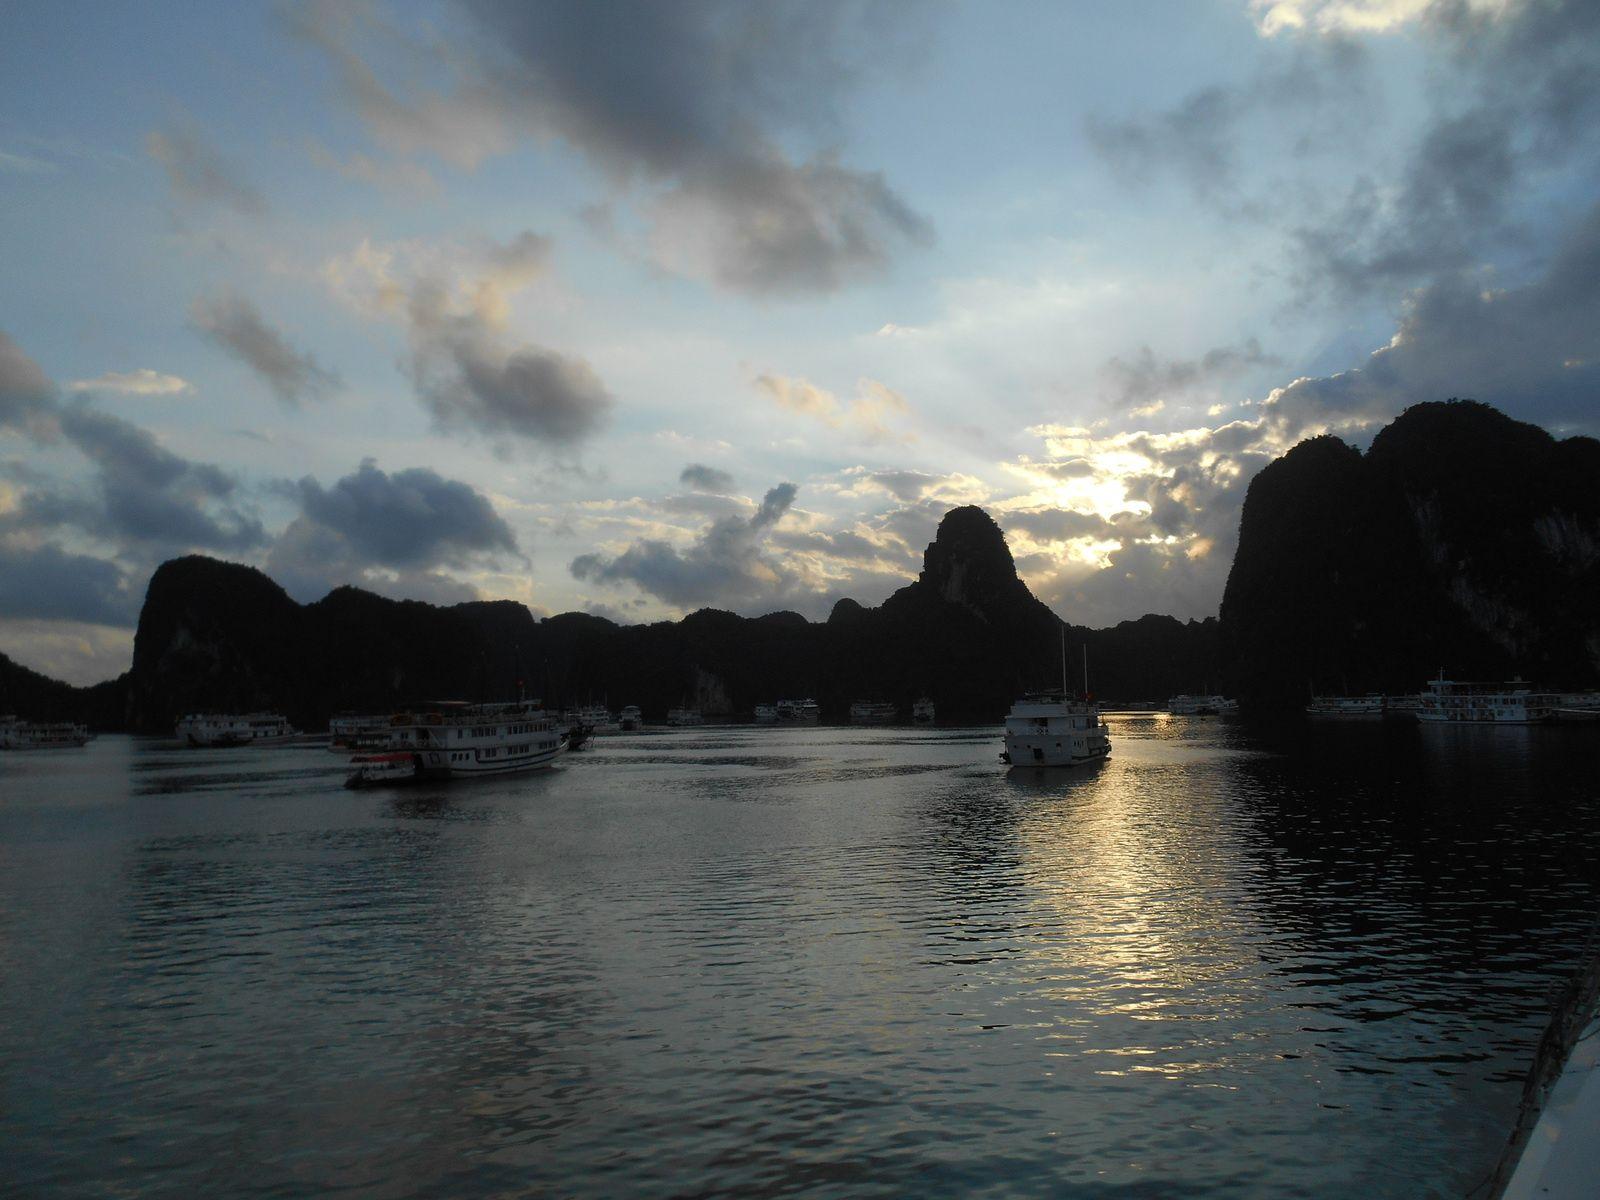 Le soir venu, les bateaux sont tous amarrés dans le même secteur pour faciliter des soins éventuels ou interventions en cas d'urgence